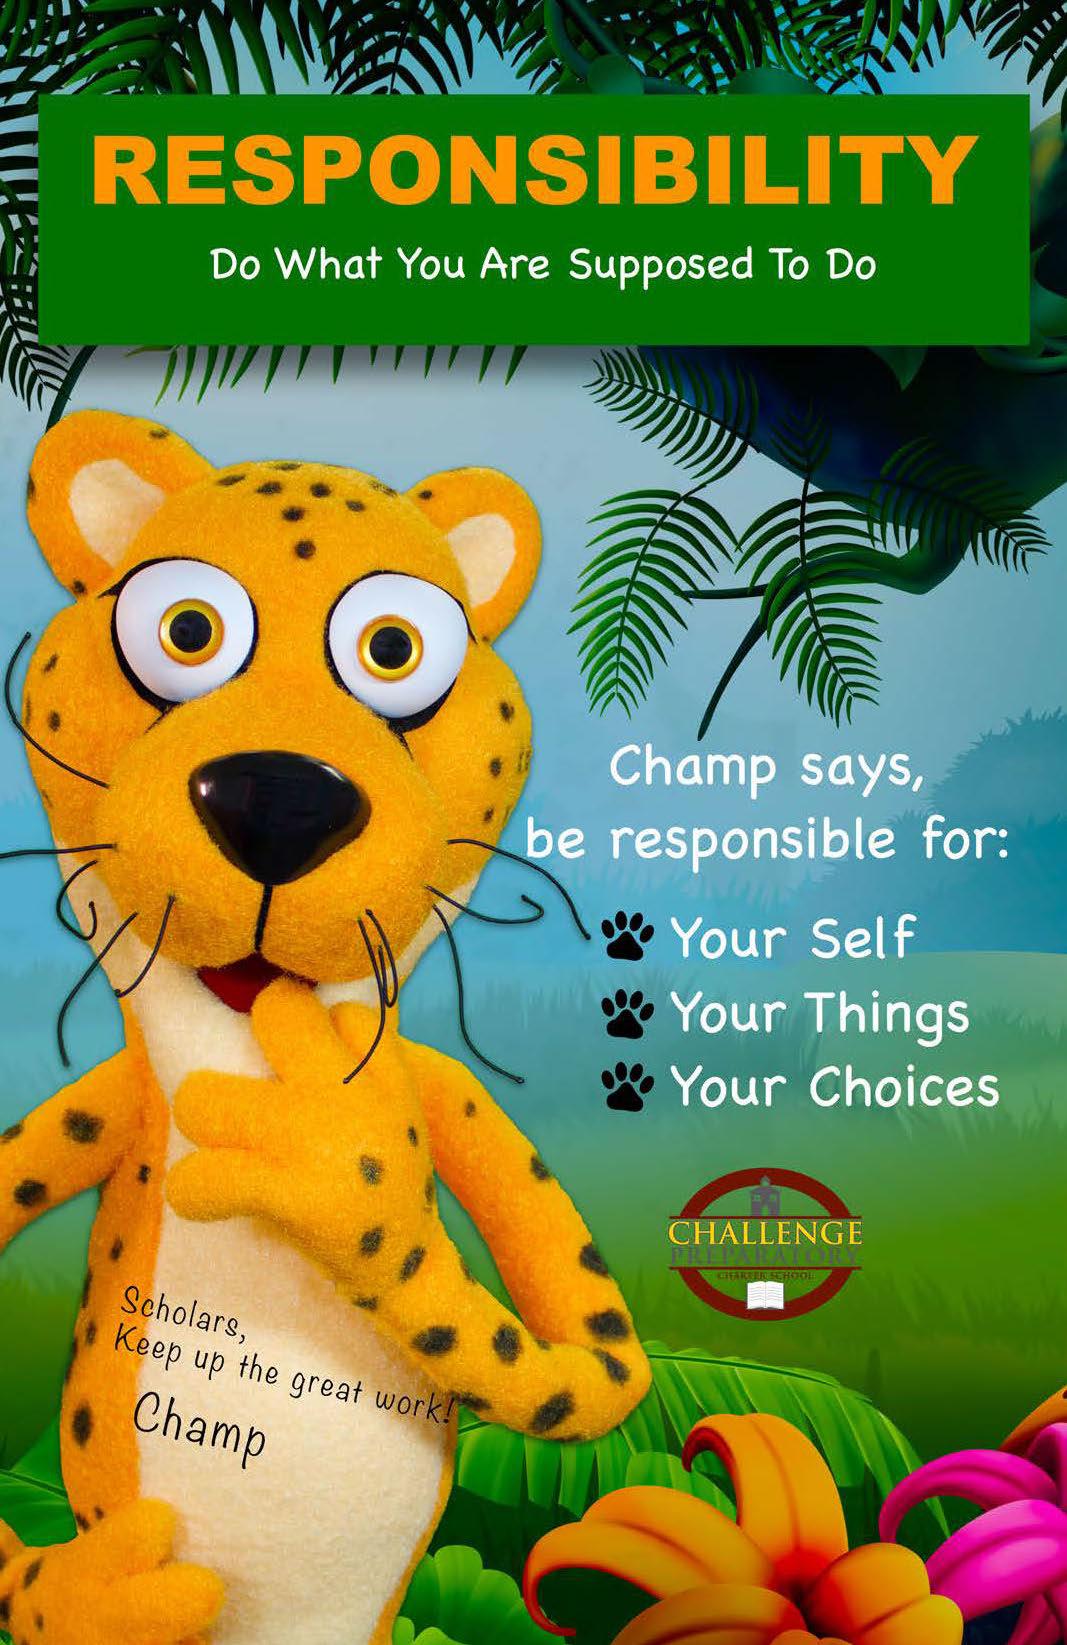 Champ poster - Responsibility vs2.jpg FOR WEB USE R.jpg